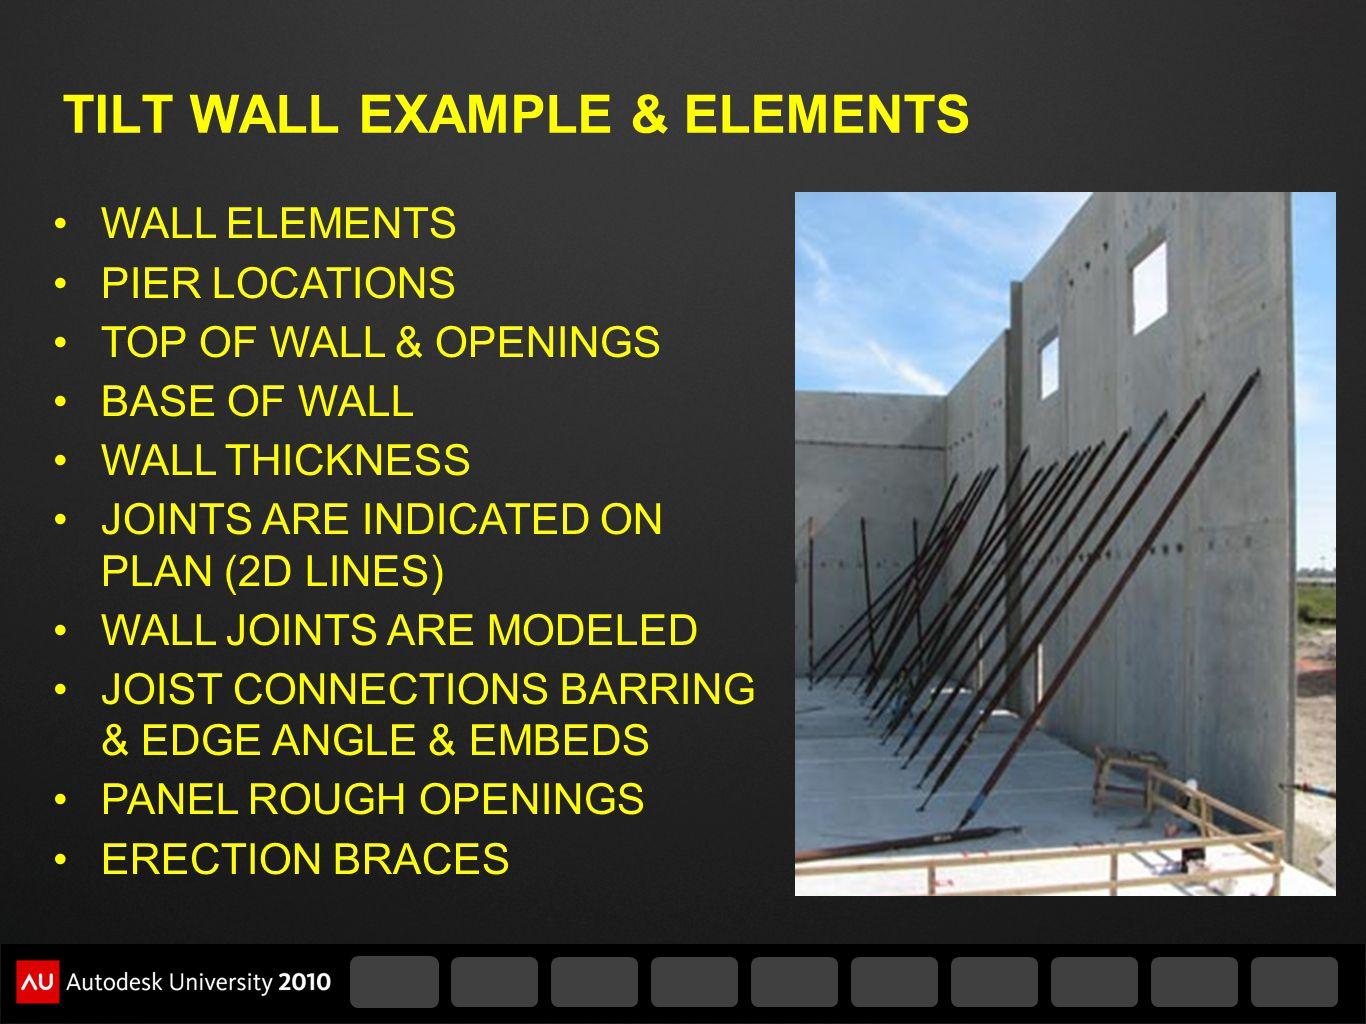 TILT WALL EXAMPLE & ELEMENTS